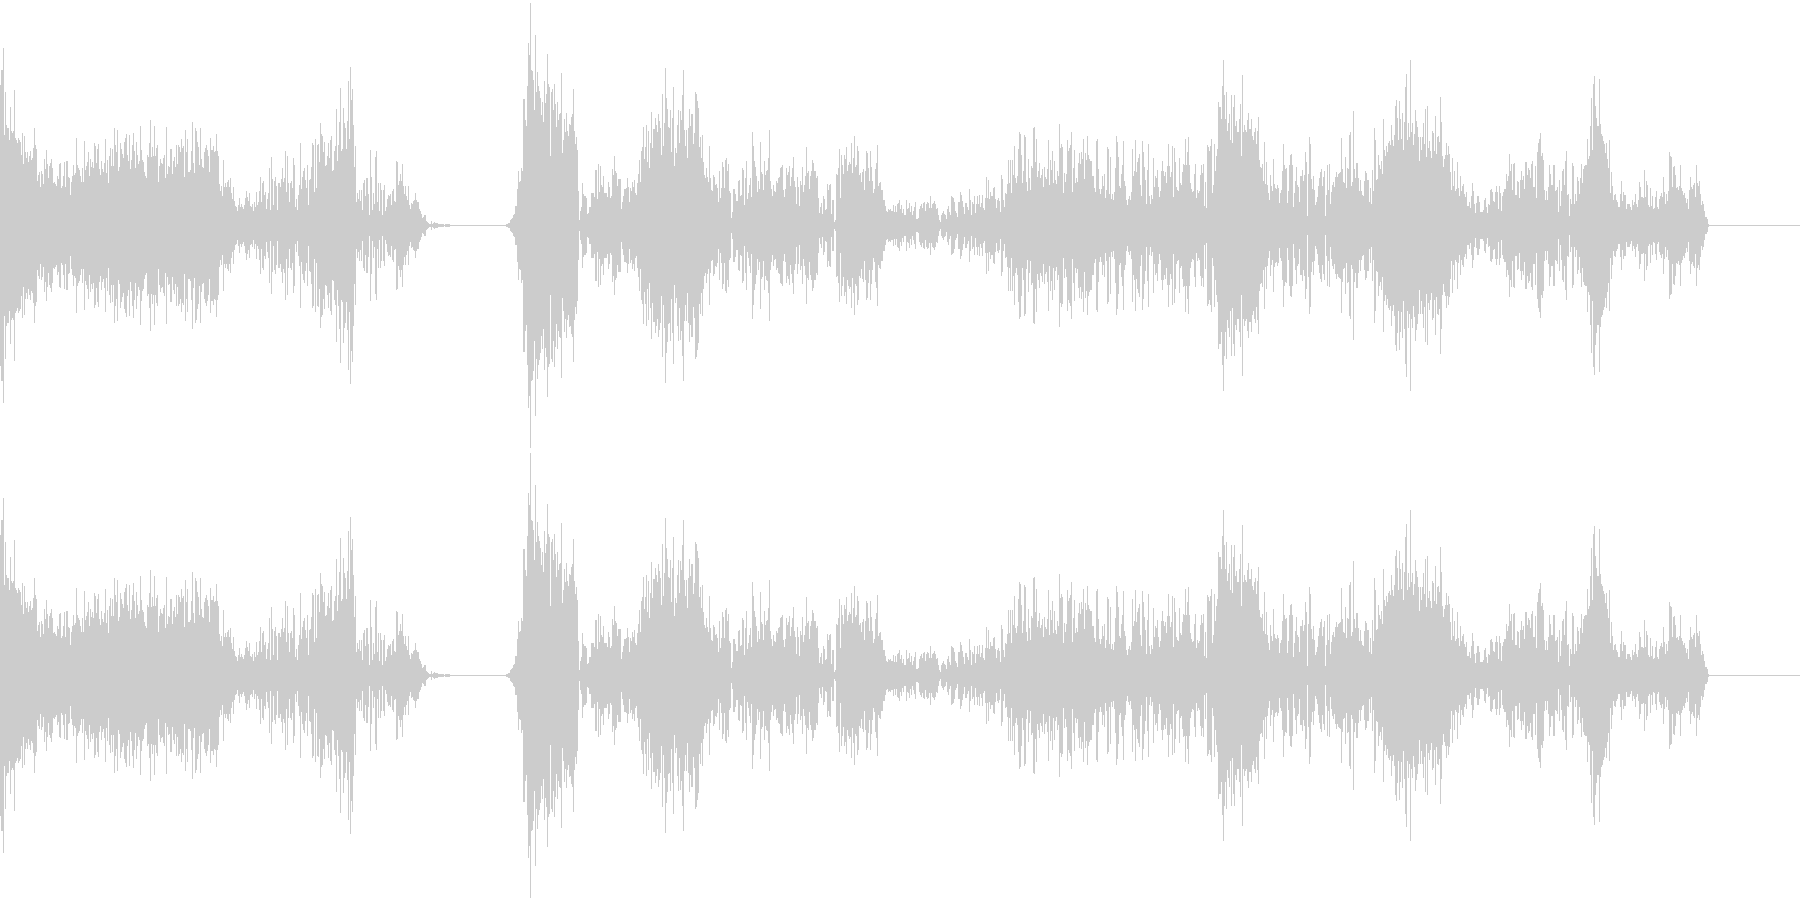 TVFX POPなザッピング音 8の未再生の波形